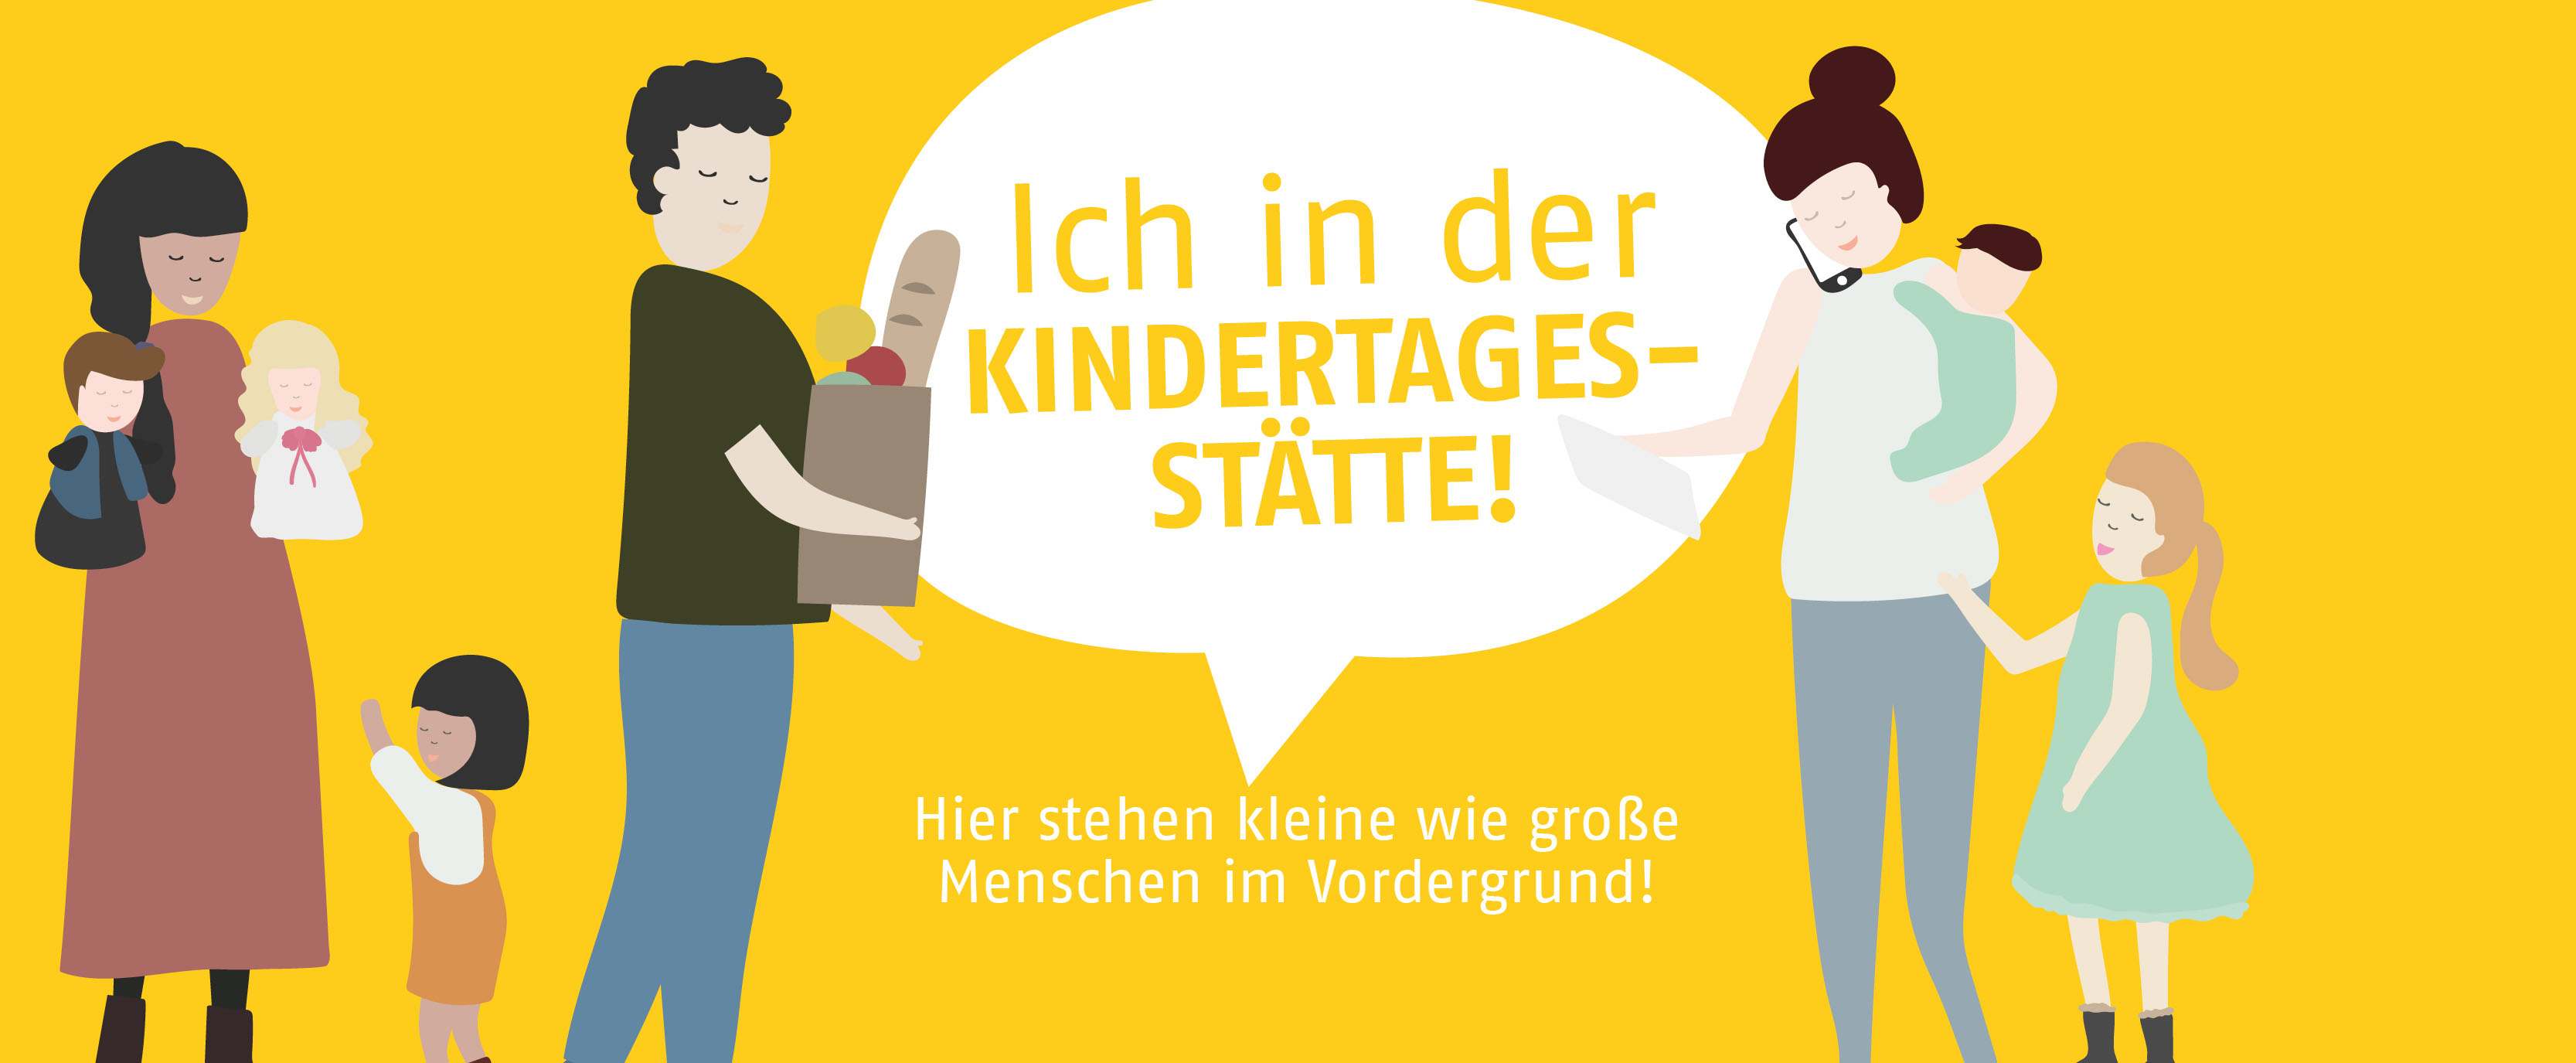 AWO Bezirksverband Ober- und Mittelfranken e. V. - Kindertagesstätten